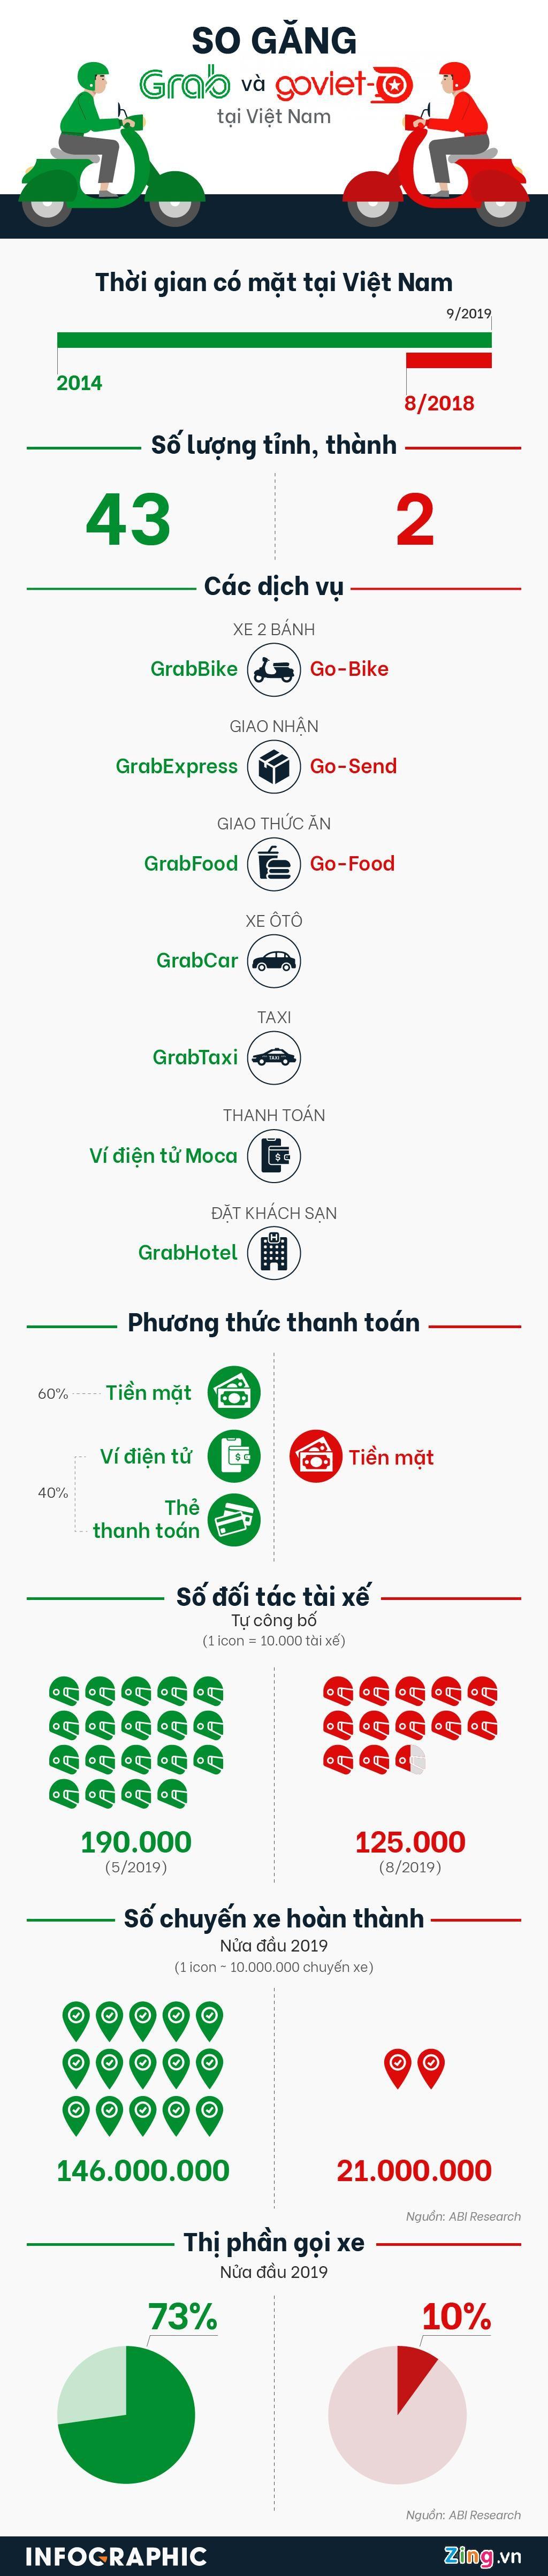 Thế độc quyền của Grab trên thị trường gọi xe Việt - Ảnh 1.